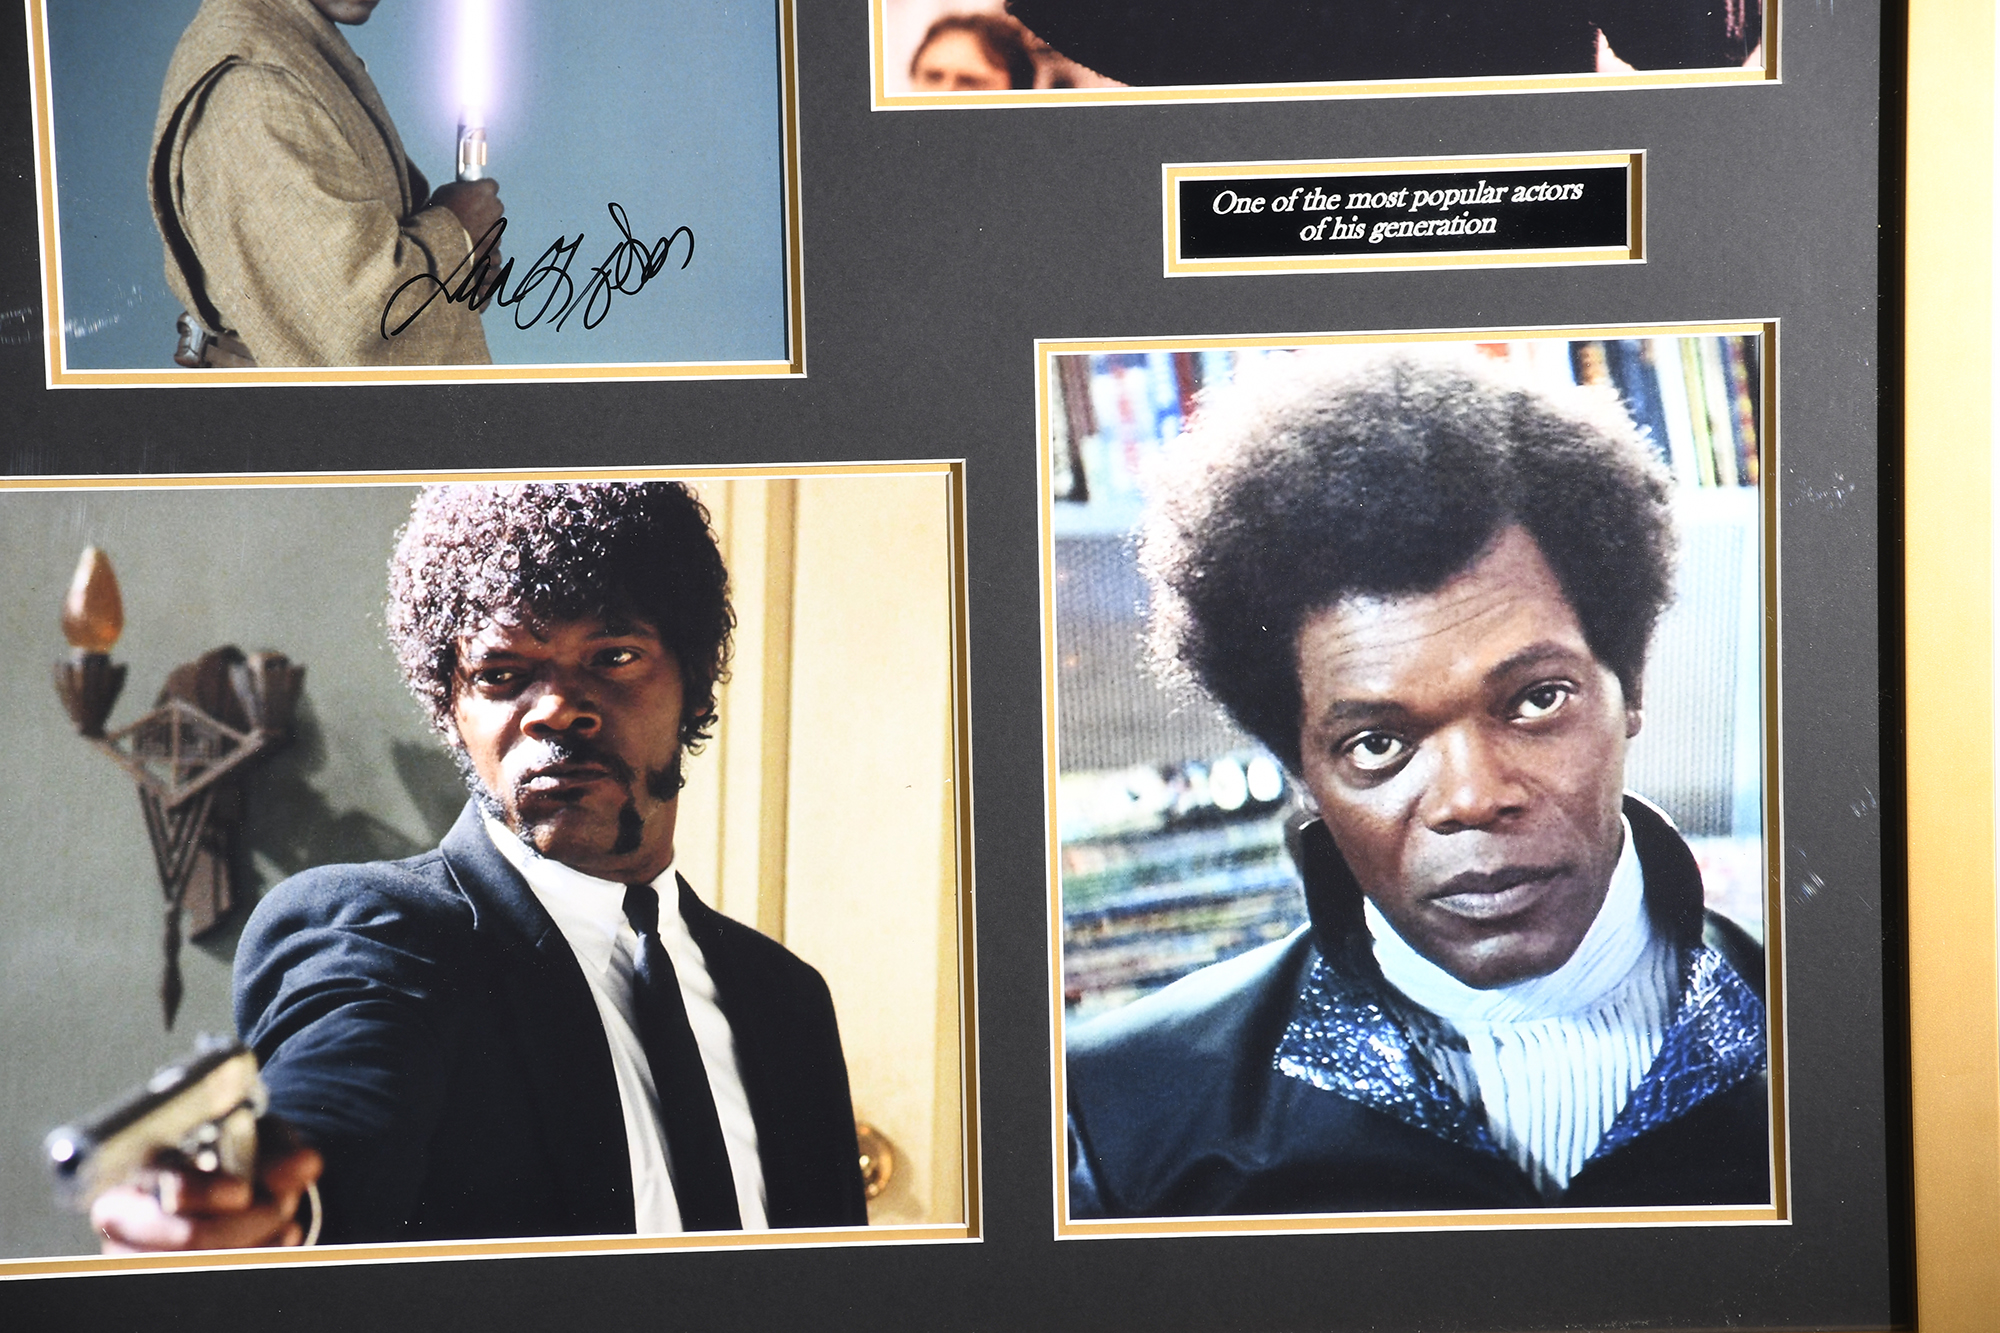 Samuel L Jackson Framed Signature Presentation - Image 4 of 4